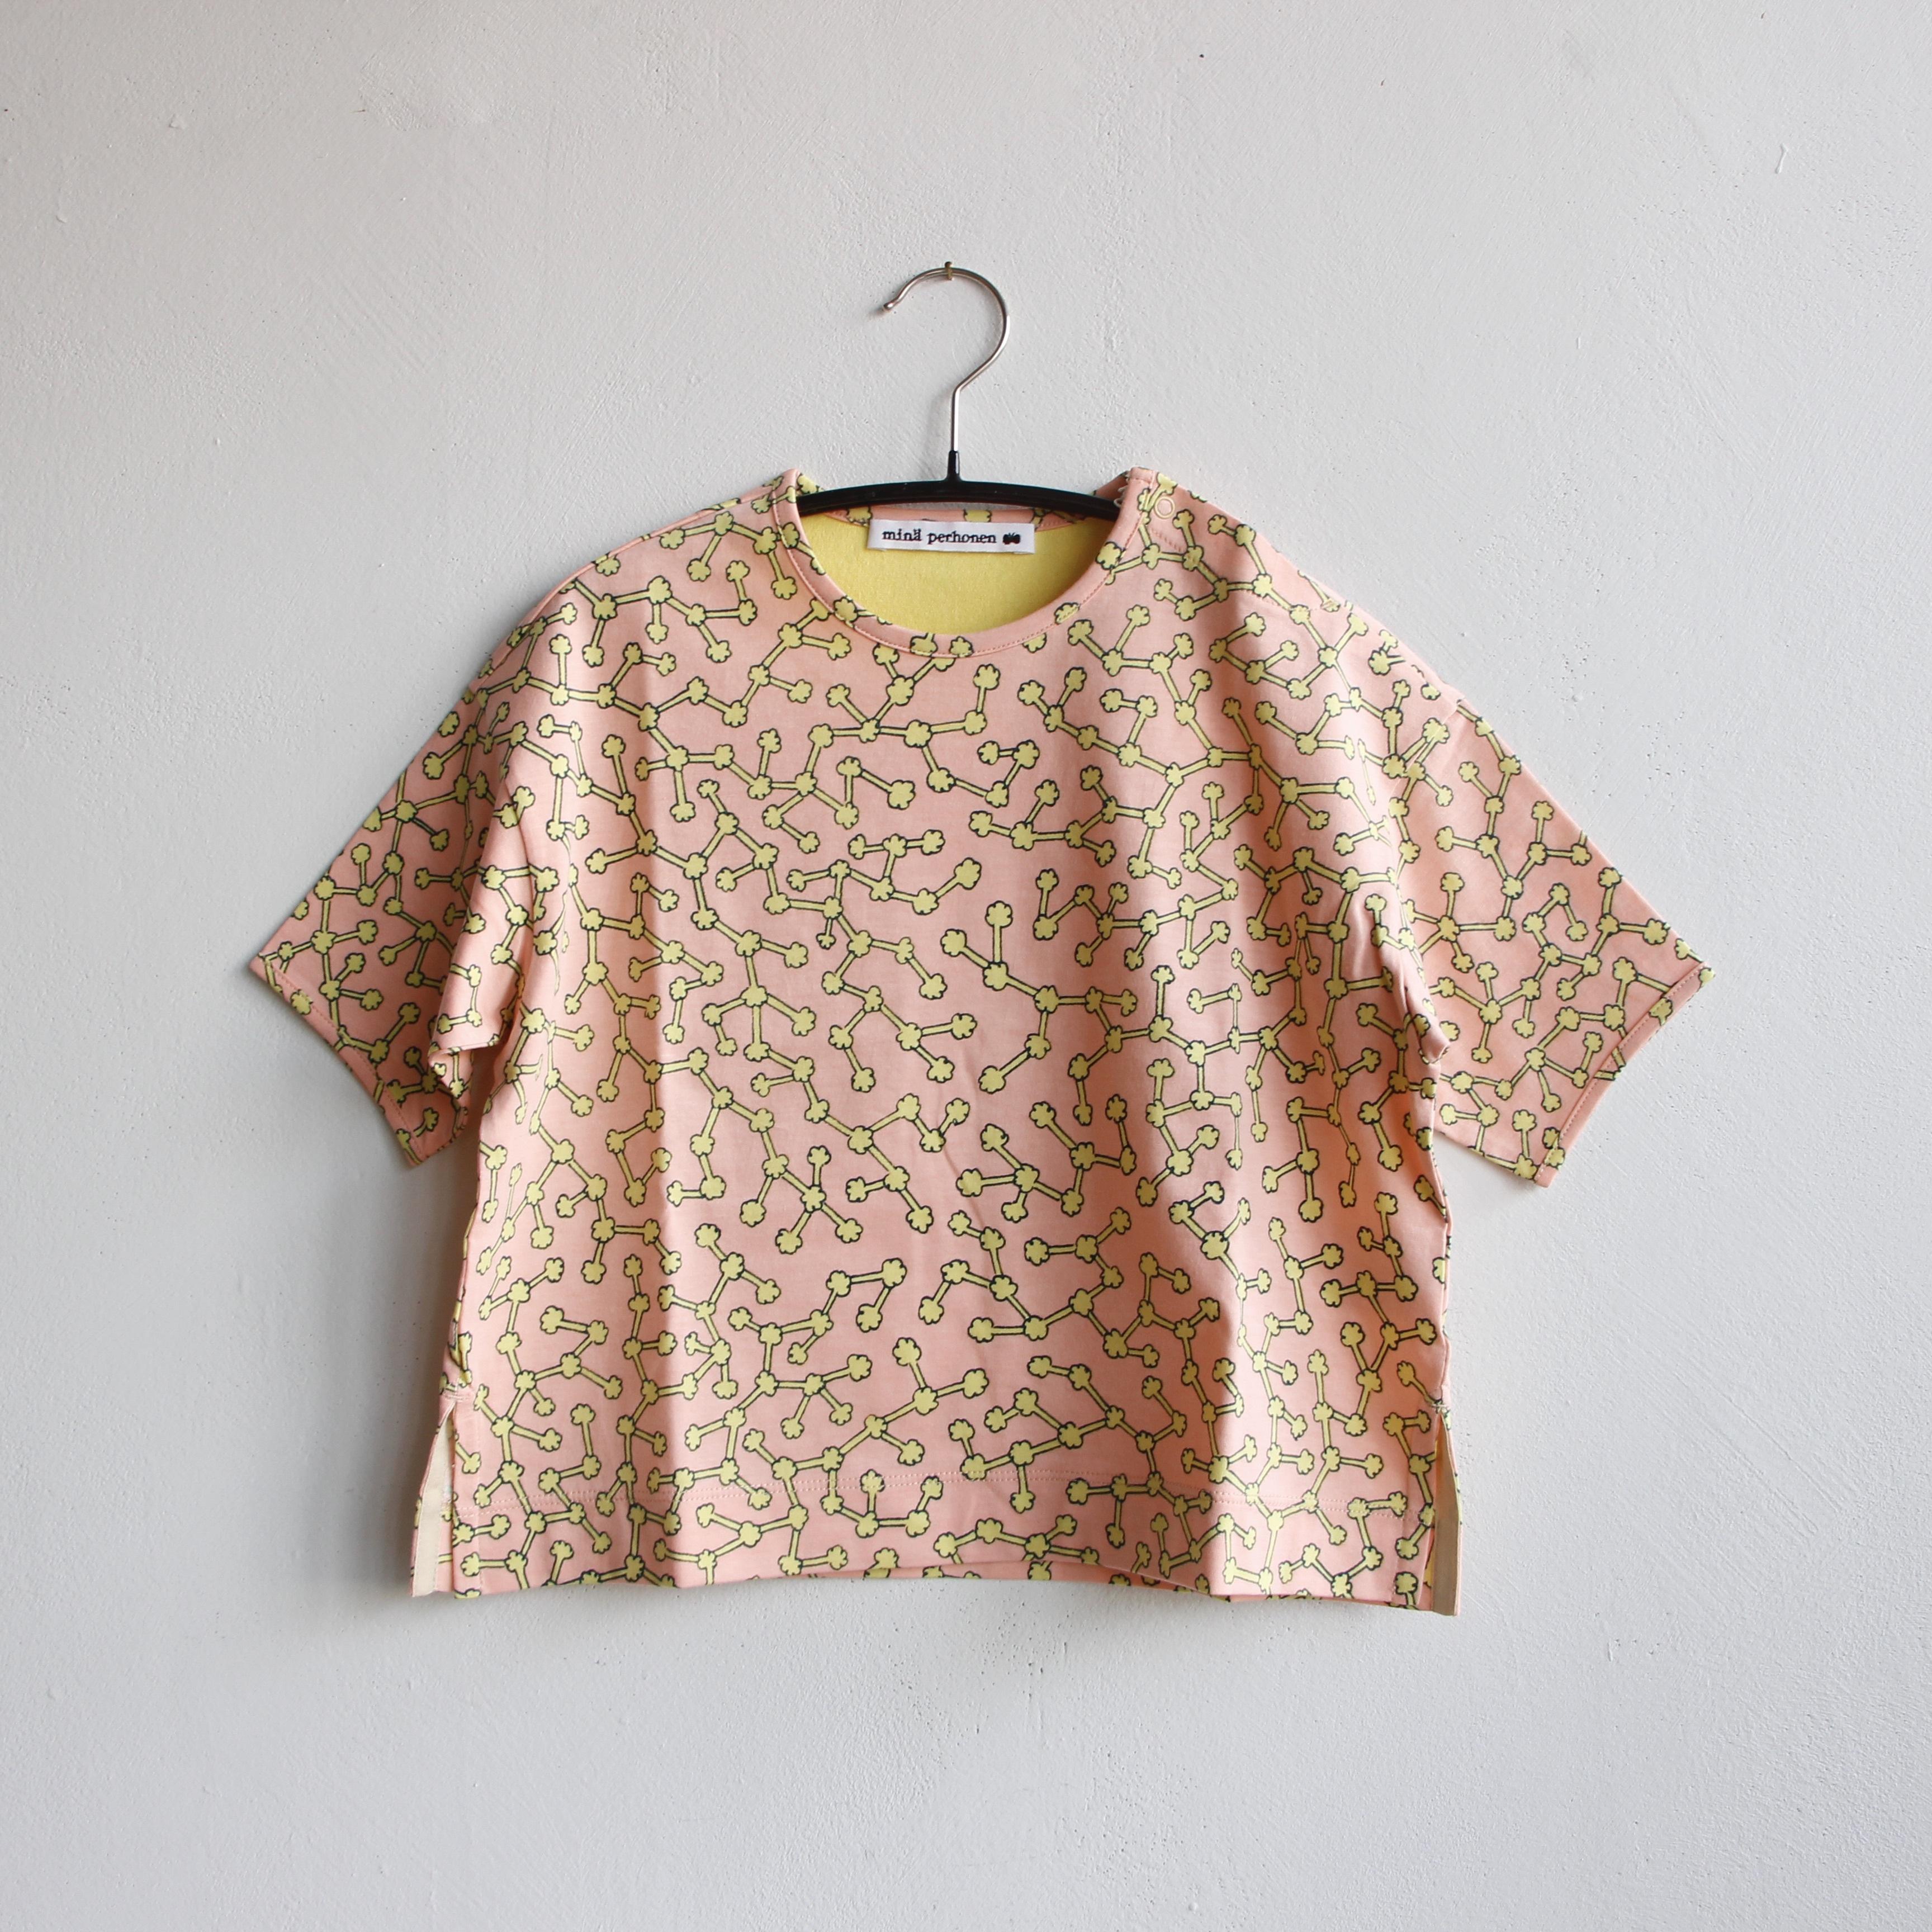 《mina perhonen 2021SS》ensoku 半袖カットソー / pink / 110-140cm